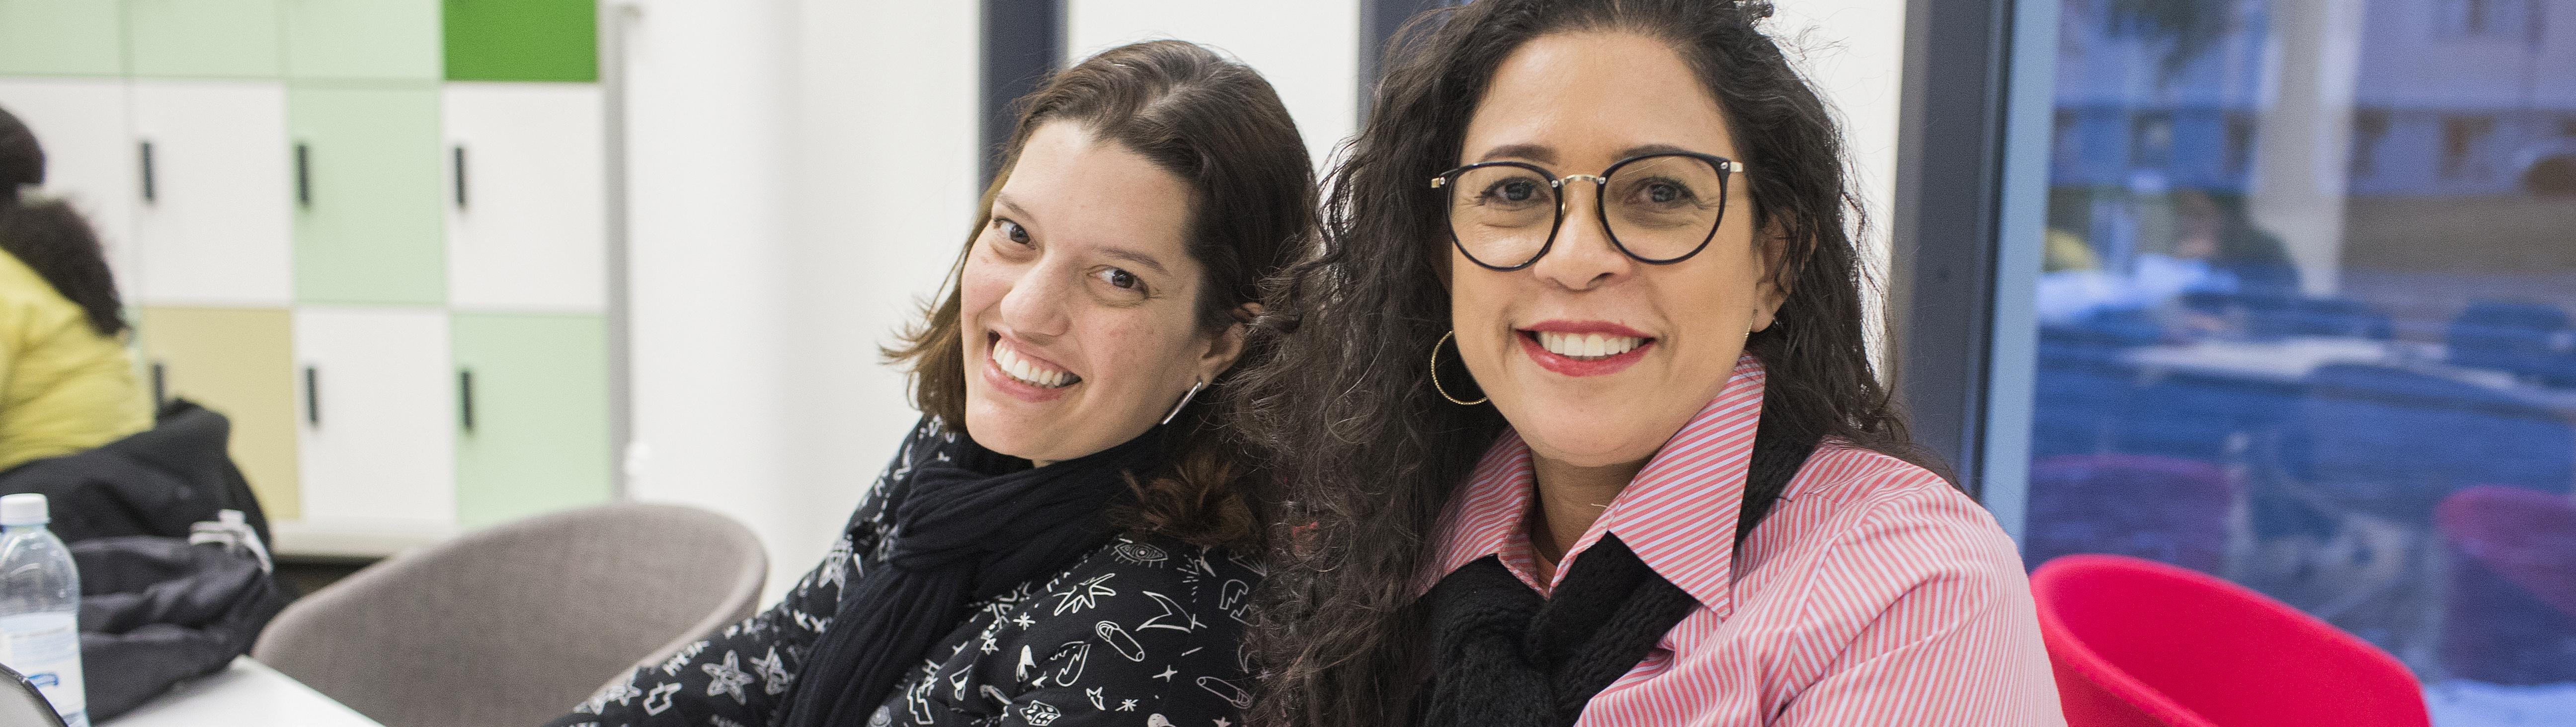 Course Image Gira Mundo Professores Formação de Formadores